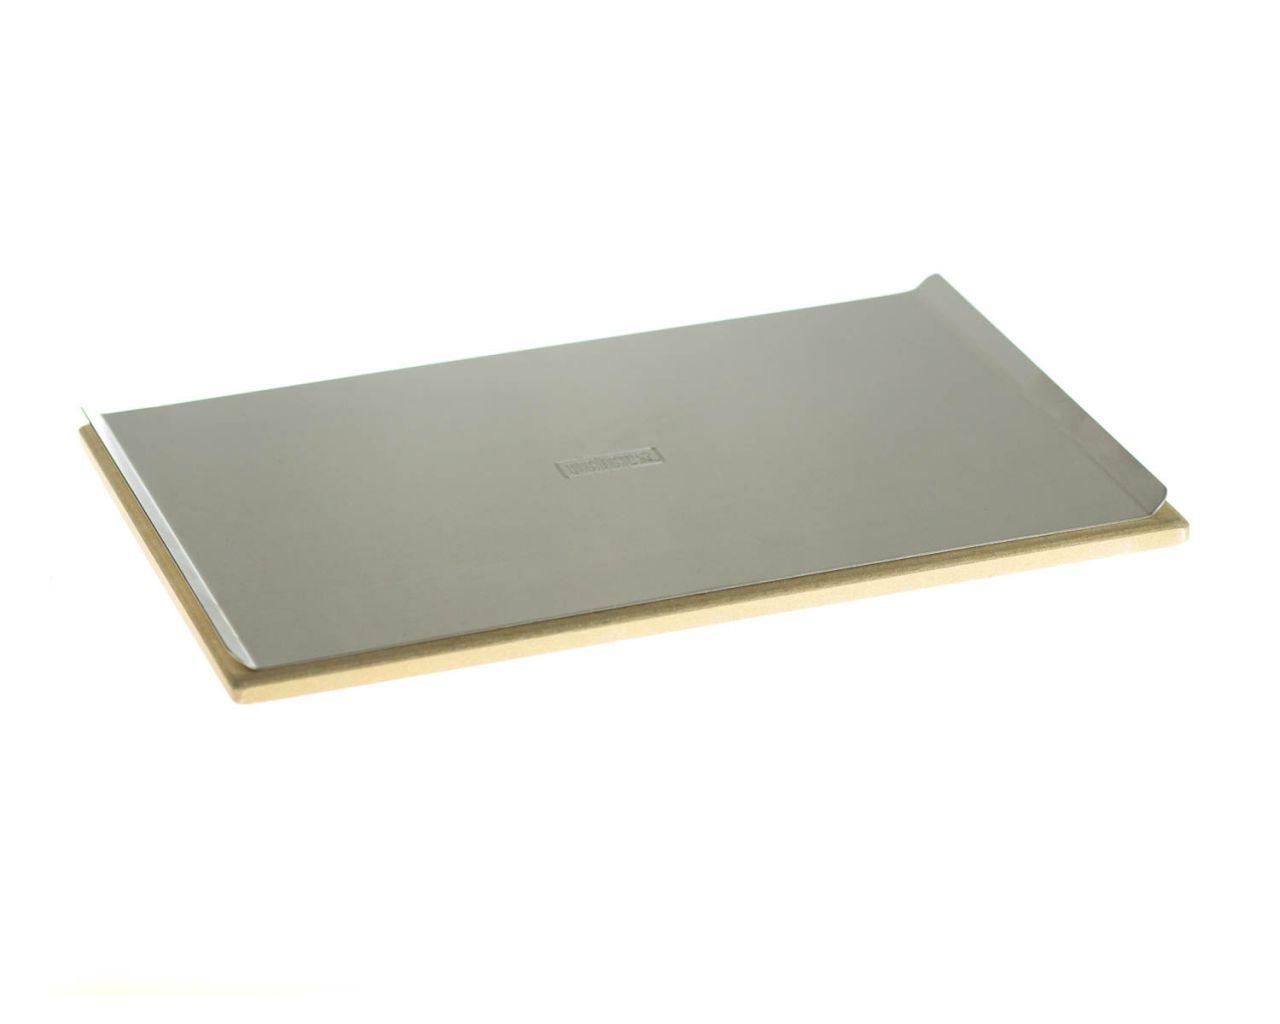 weber grill pizzastein rechteckig preisvergleich pizzastein g nstig kaufen bei. Black Bedroom Furniture Sets. Home Design Ideas